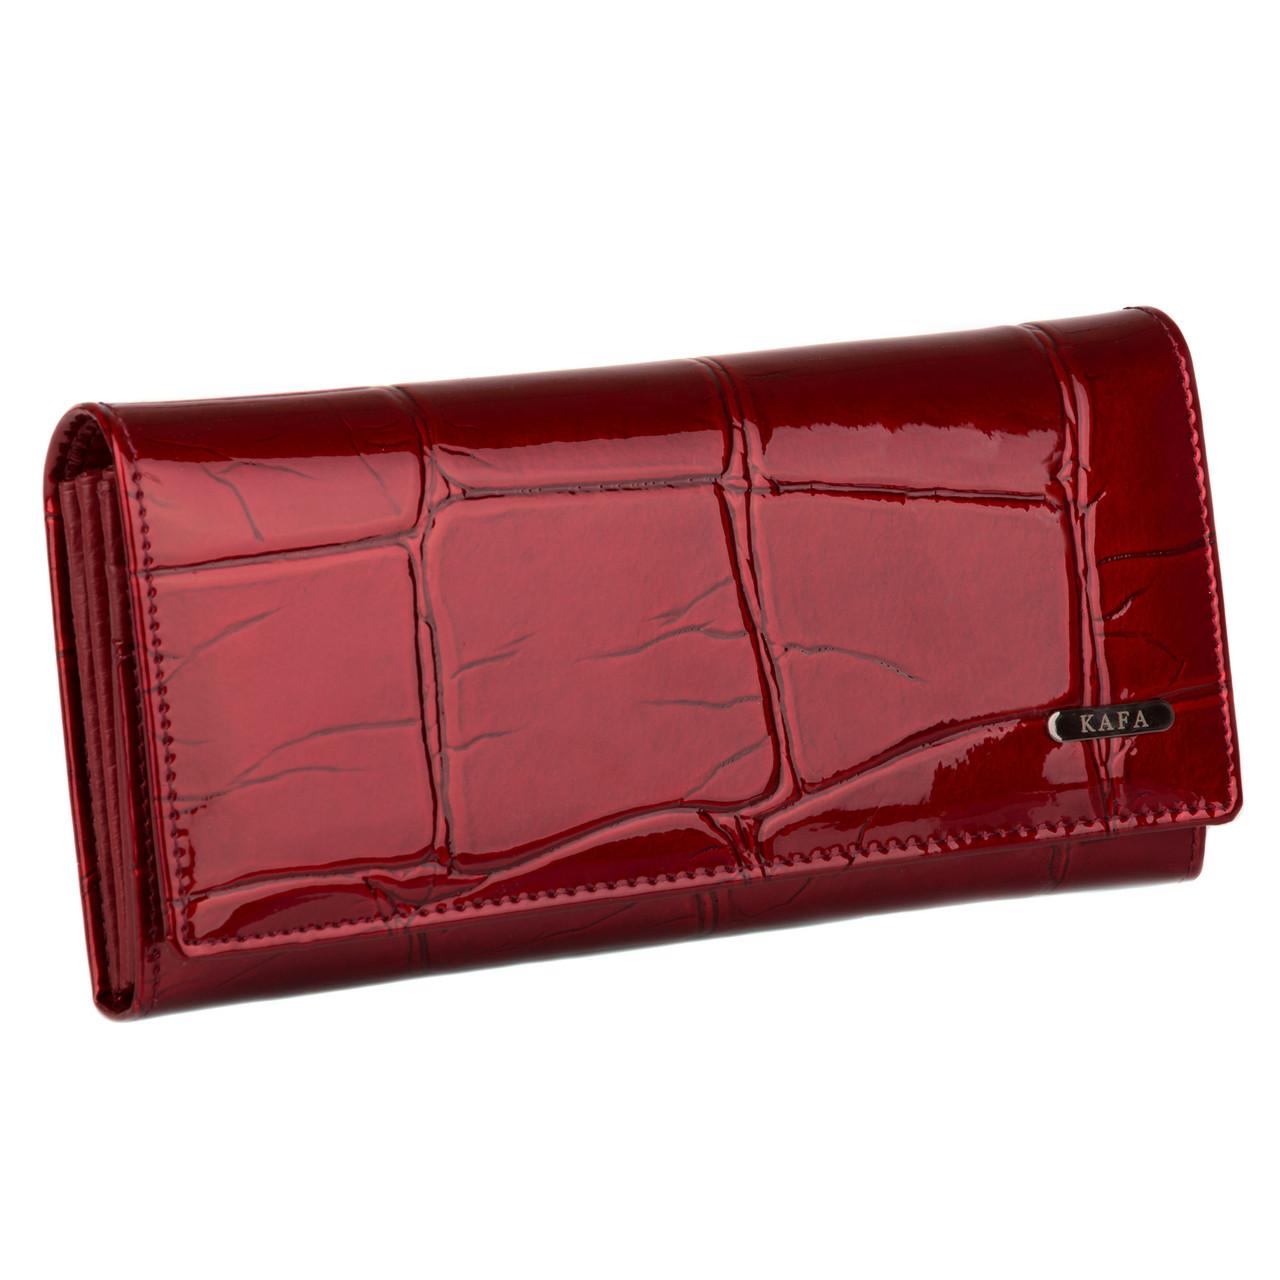 832e3749cf36 Кошелек женский кожаный Kafa RFID BE501 красный: продажа, цена в ...